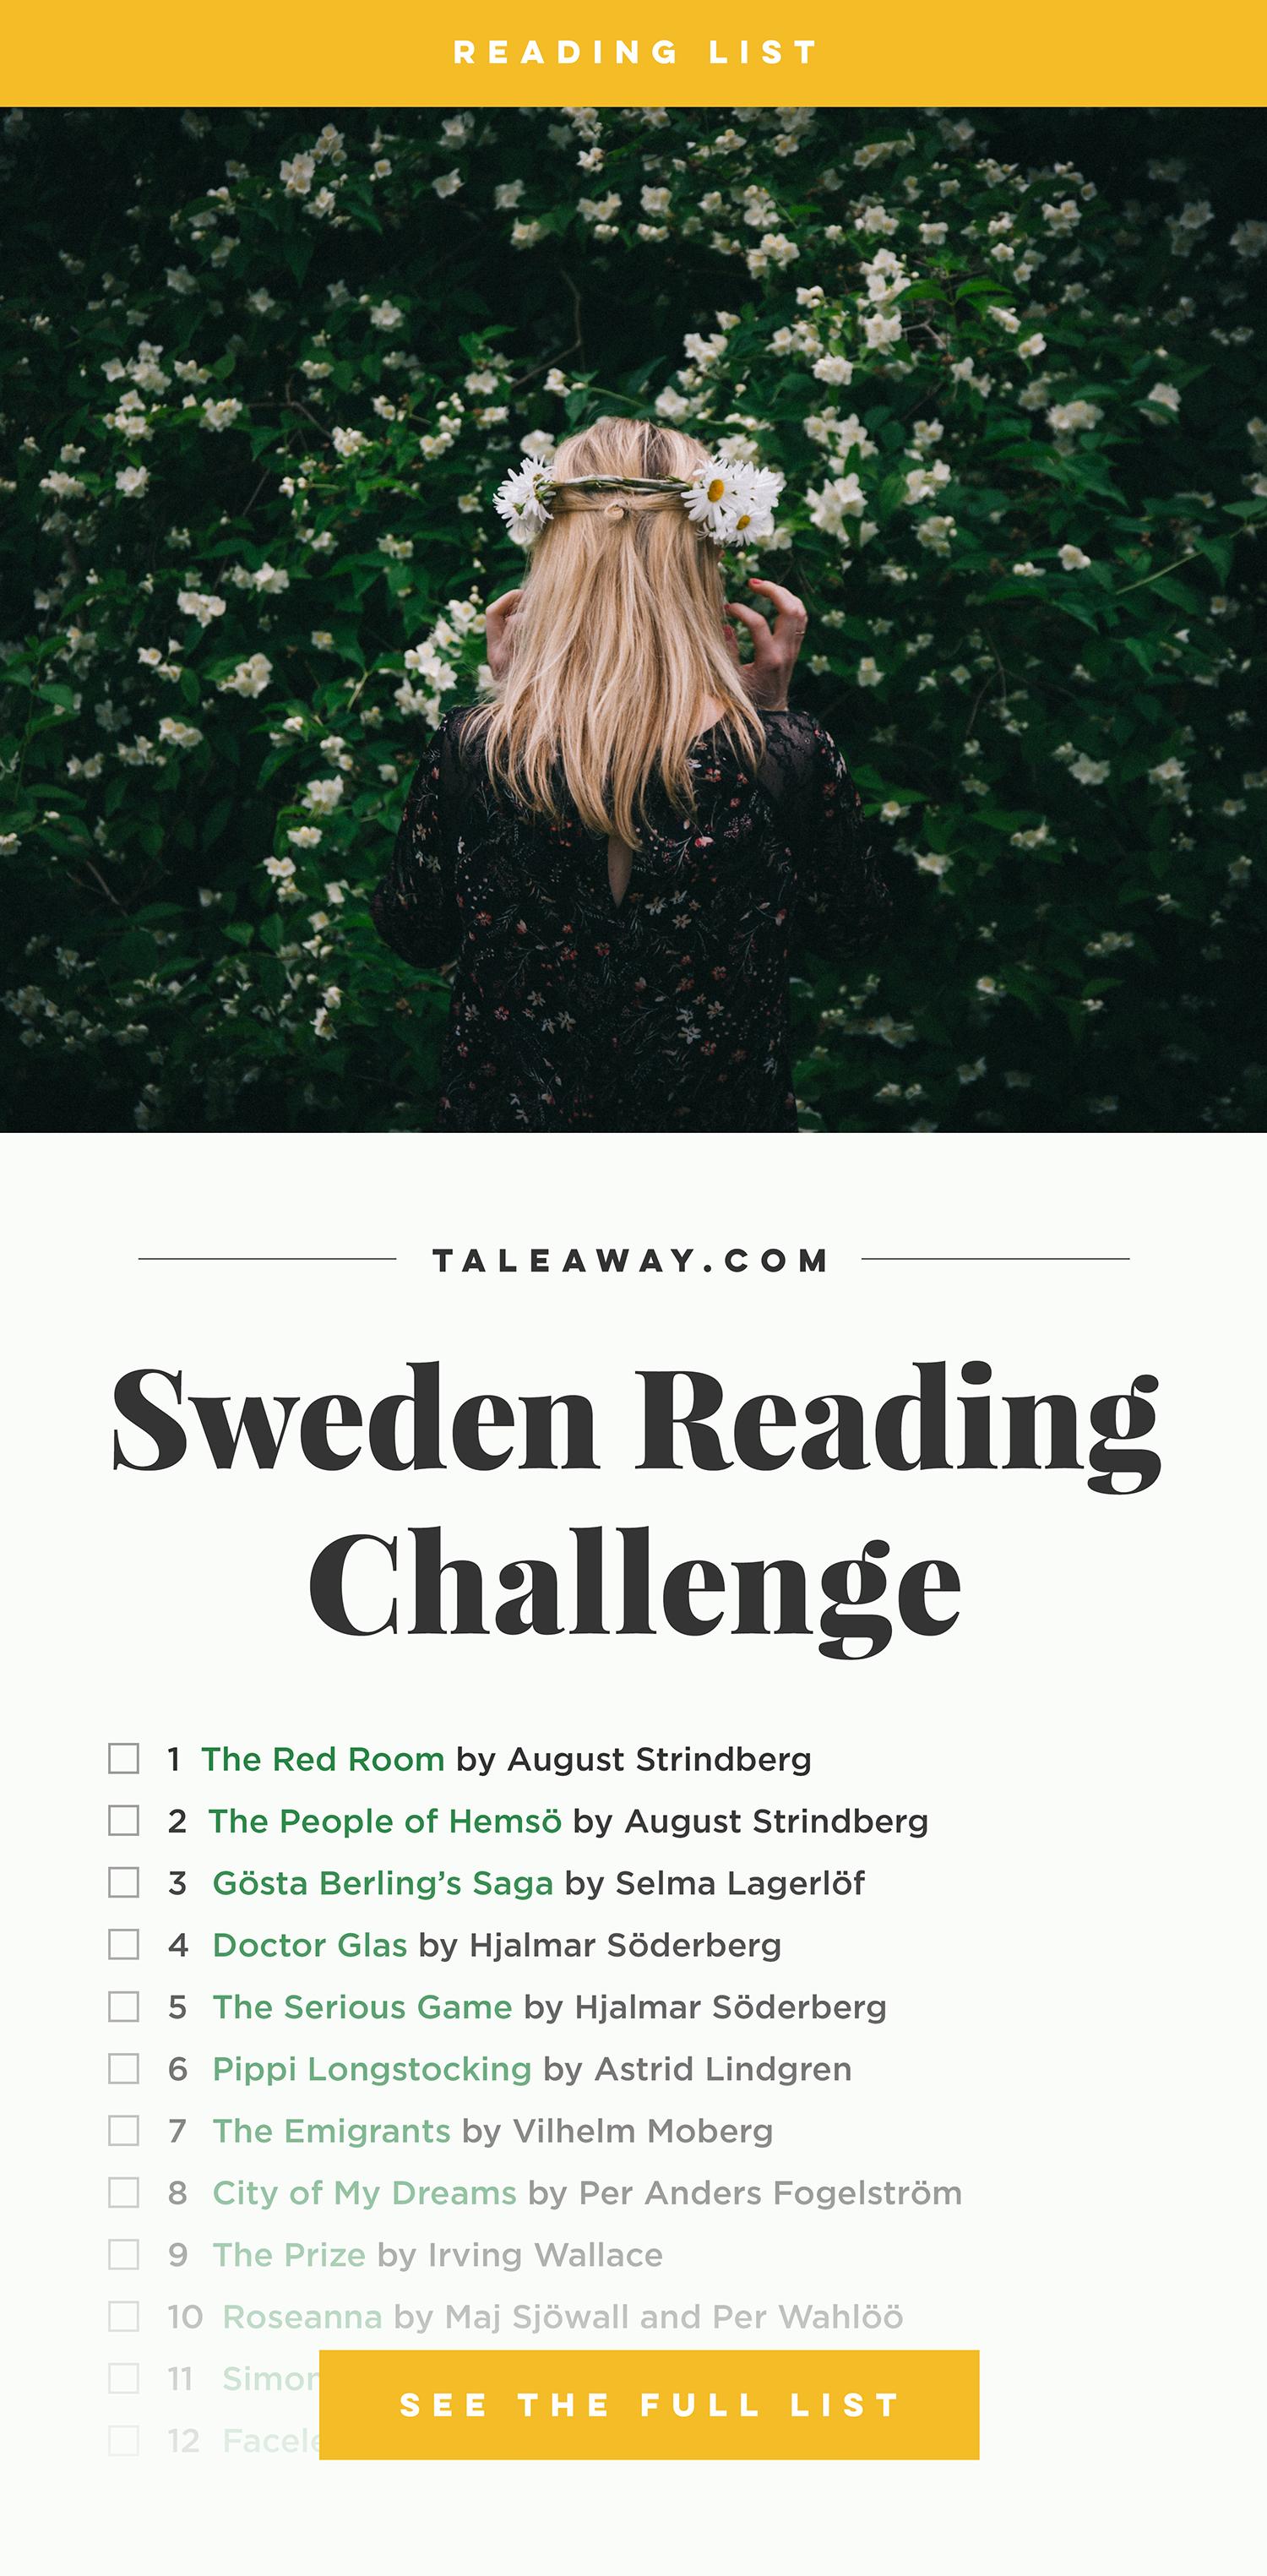 Books Set in Sweden. sweden books, swedish novels, sweden literature, sweden fiction, swedish authors, best books set in sweden, popular books set in sweden, books about sweden, sweden reading challenge, sweden reading list, stockholm books, gothenburg books, malmo books, sweden packing list, sweden travel, sweden history, sweden travel books, sweden books to read, books to read before going to sweden, novels set in sweden, books to read about sweden